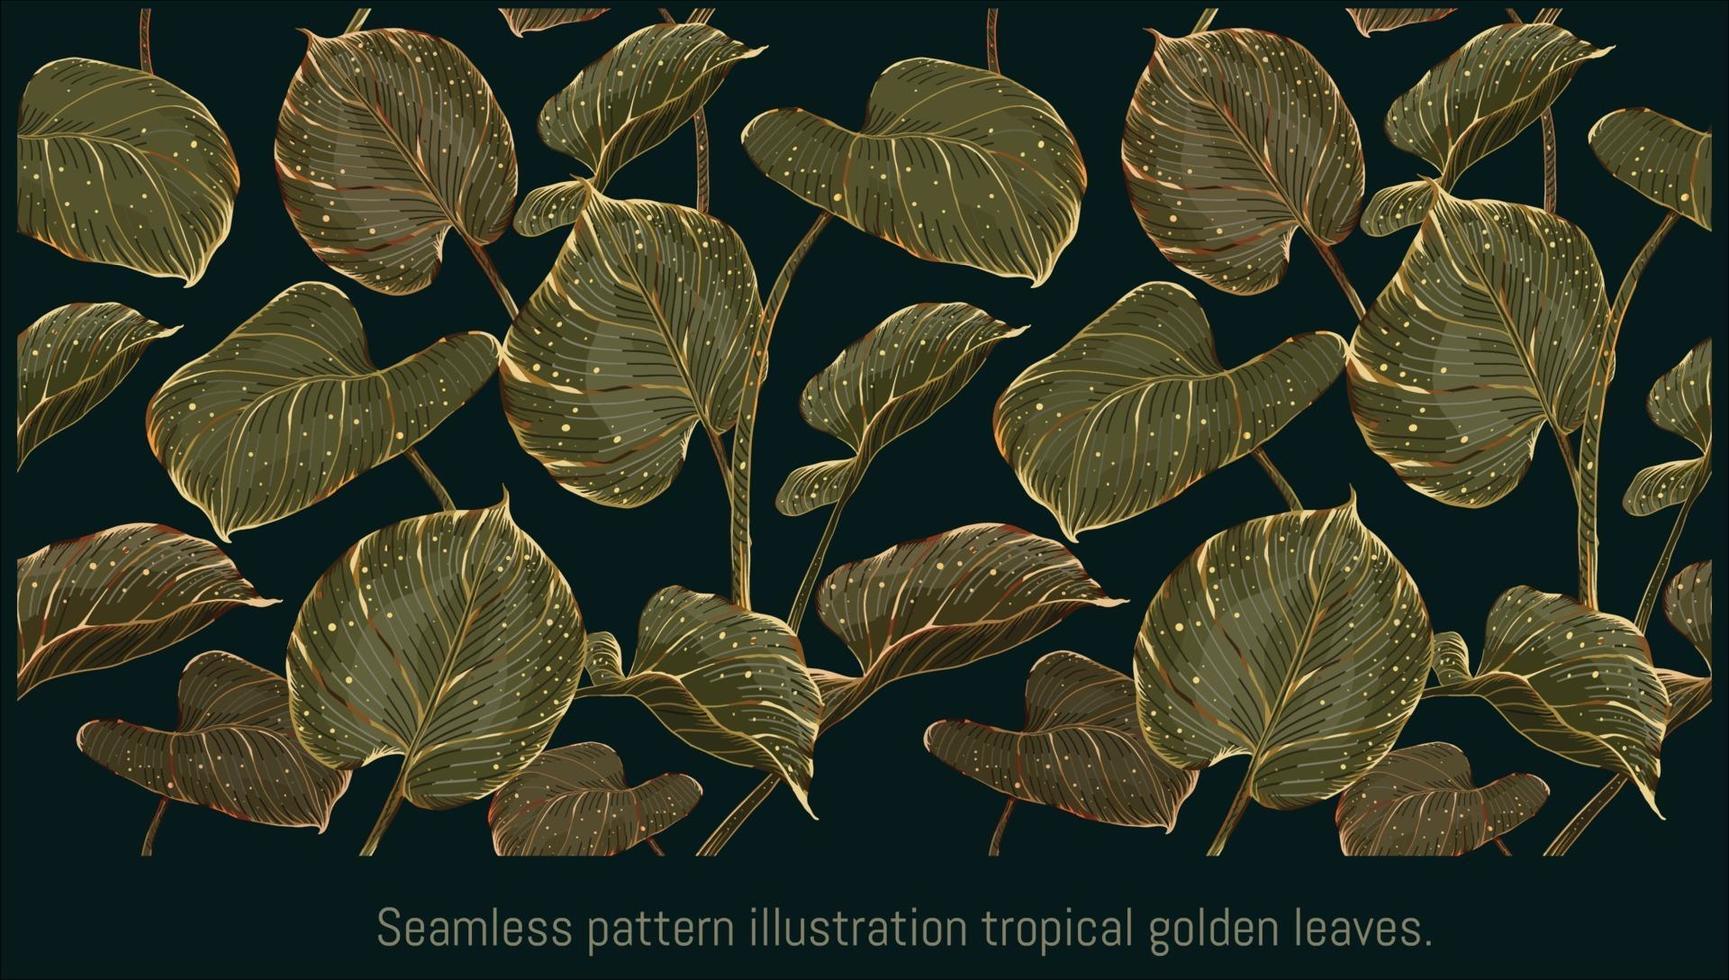 perfecta ilustración tropical hojas doradas vector